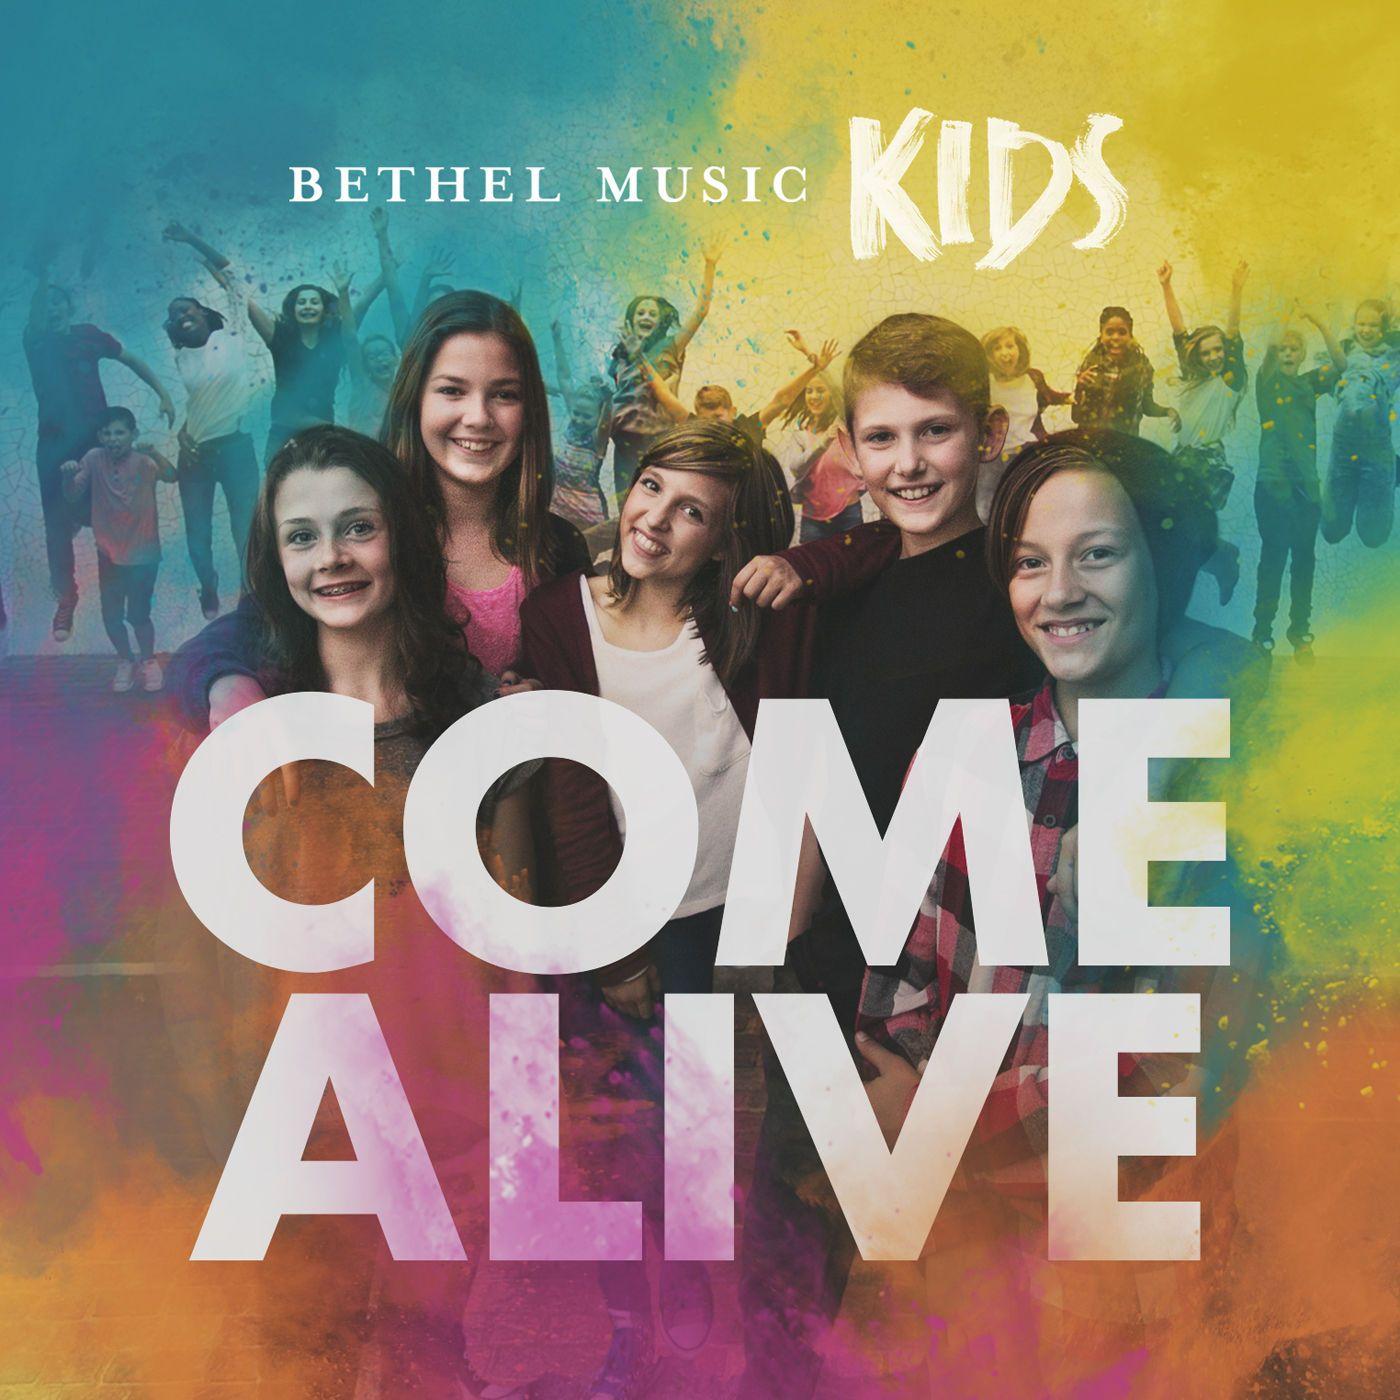 Bethel music скачать альбом